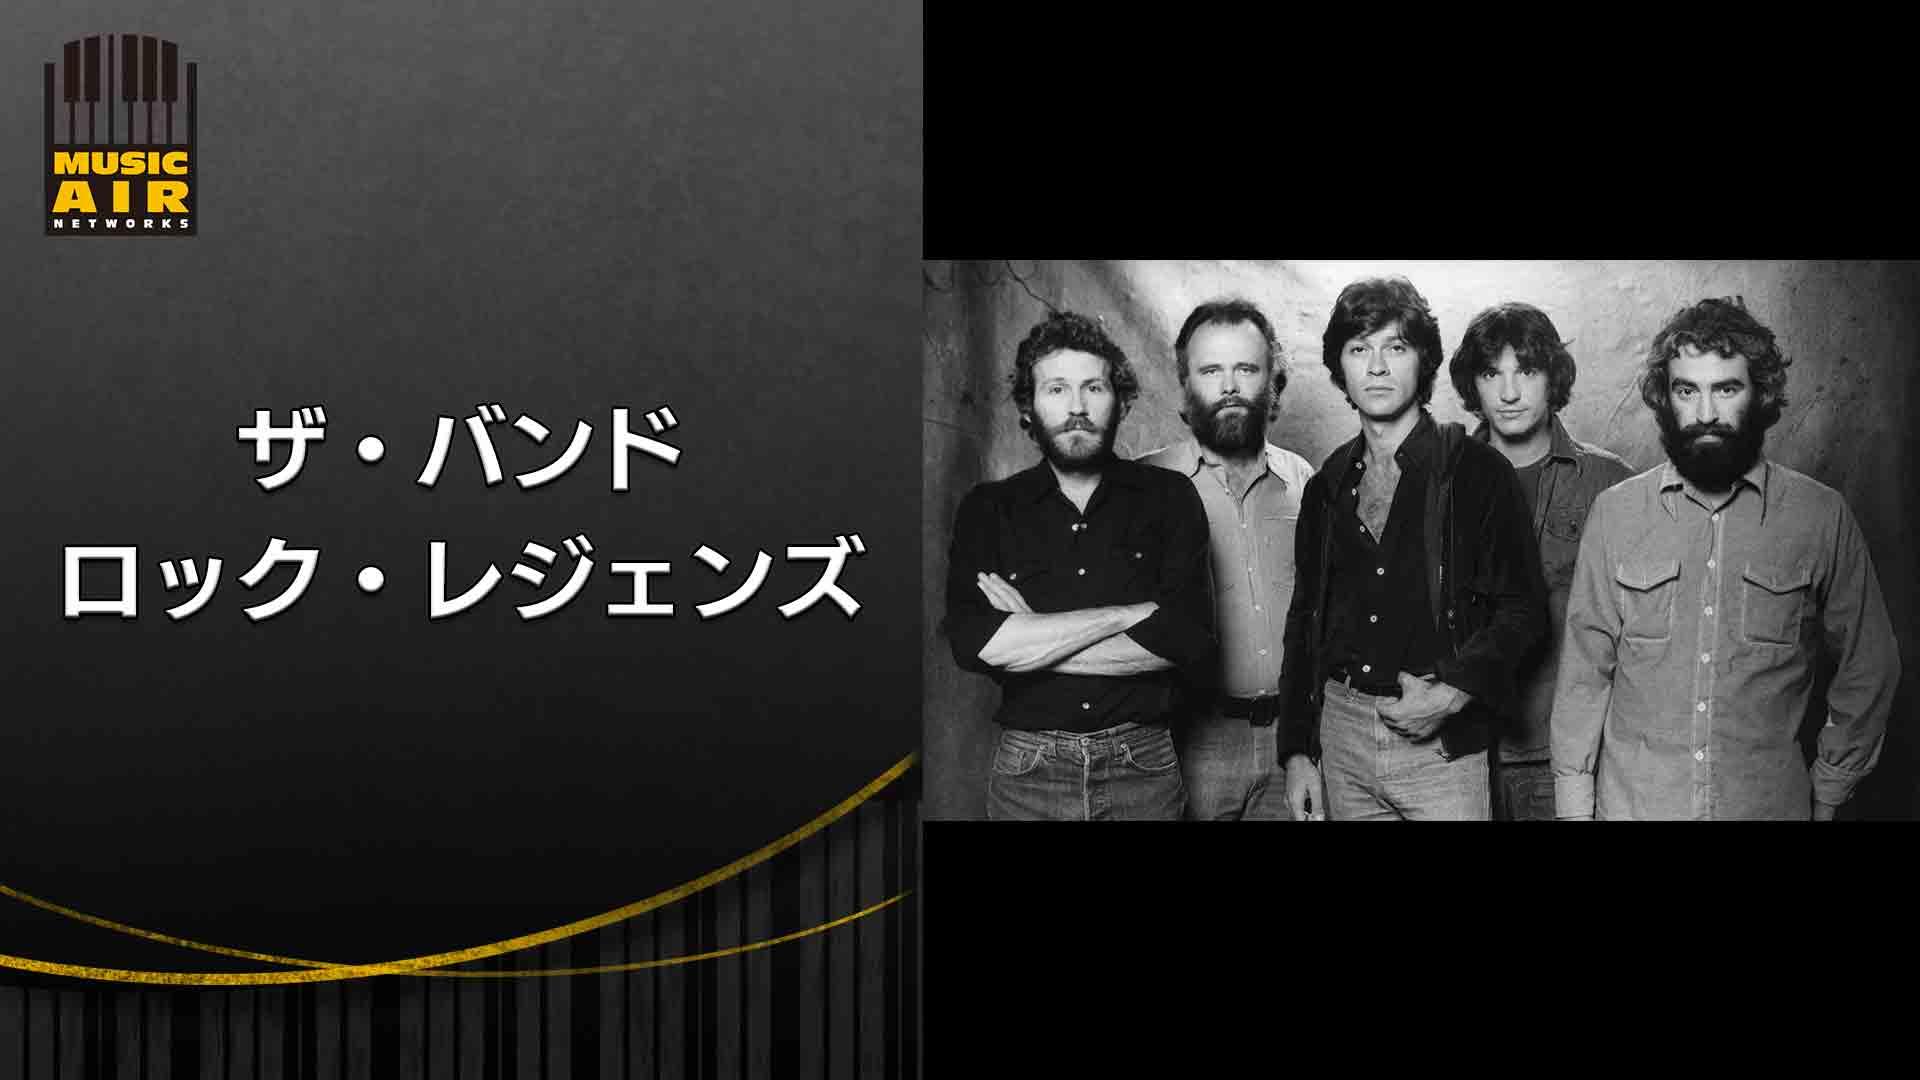 ザ・バンド:ロック・レジェンズ